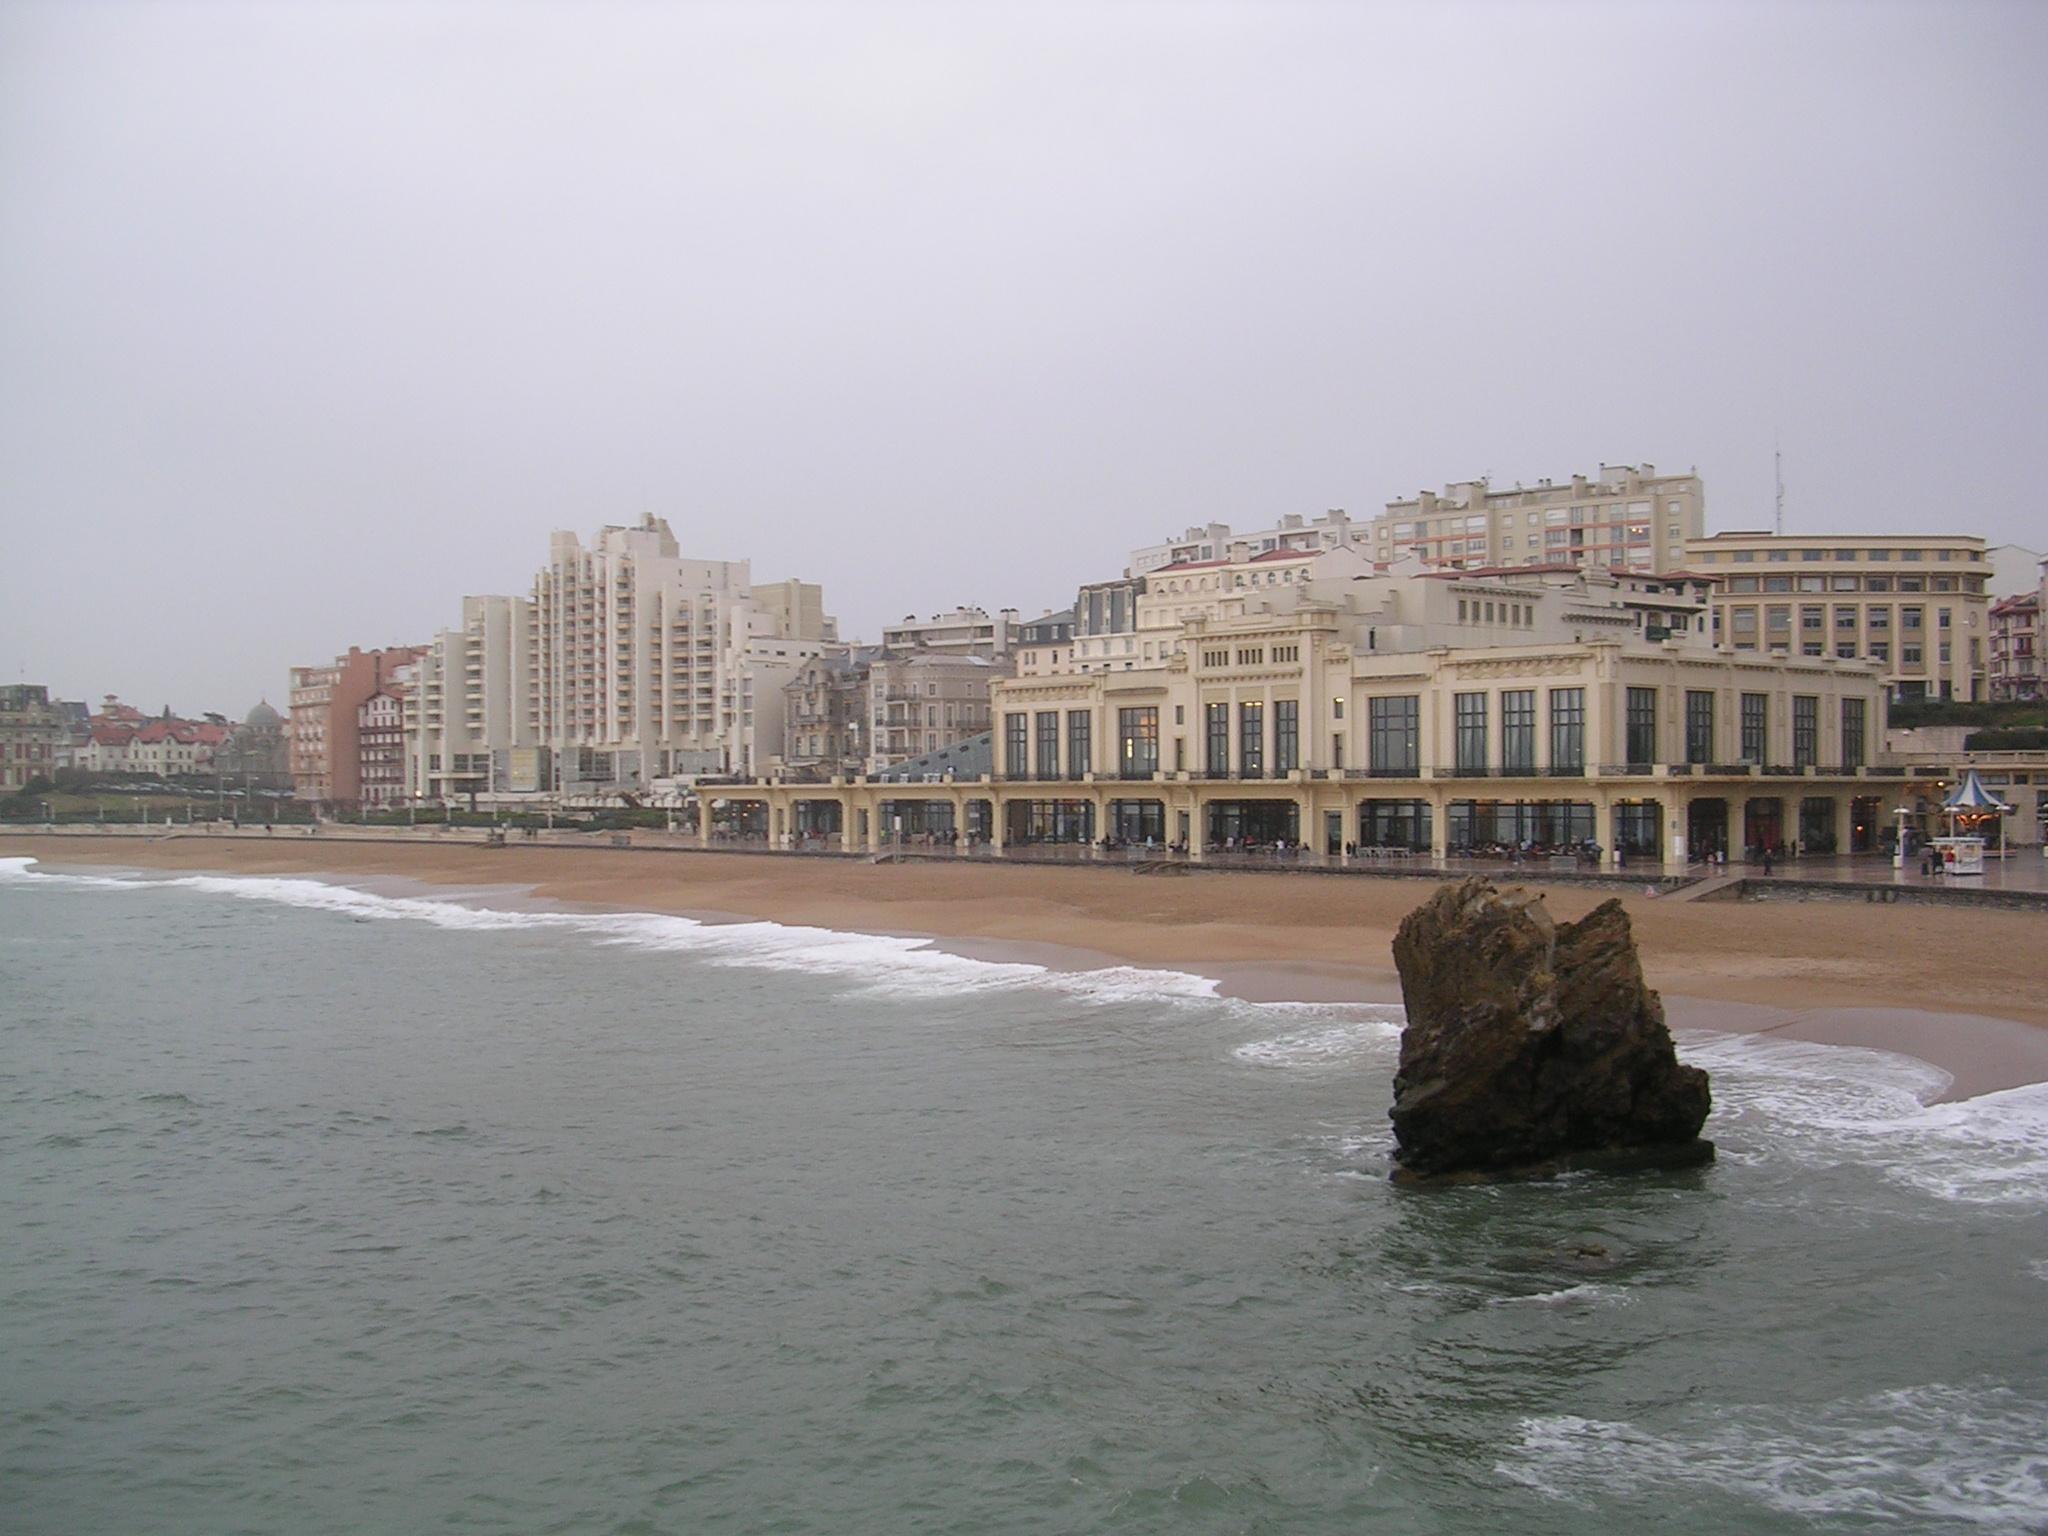 Casino e praia de Biarritz